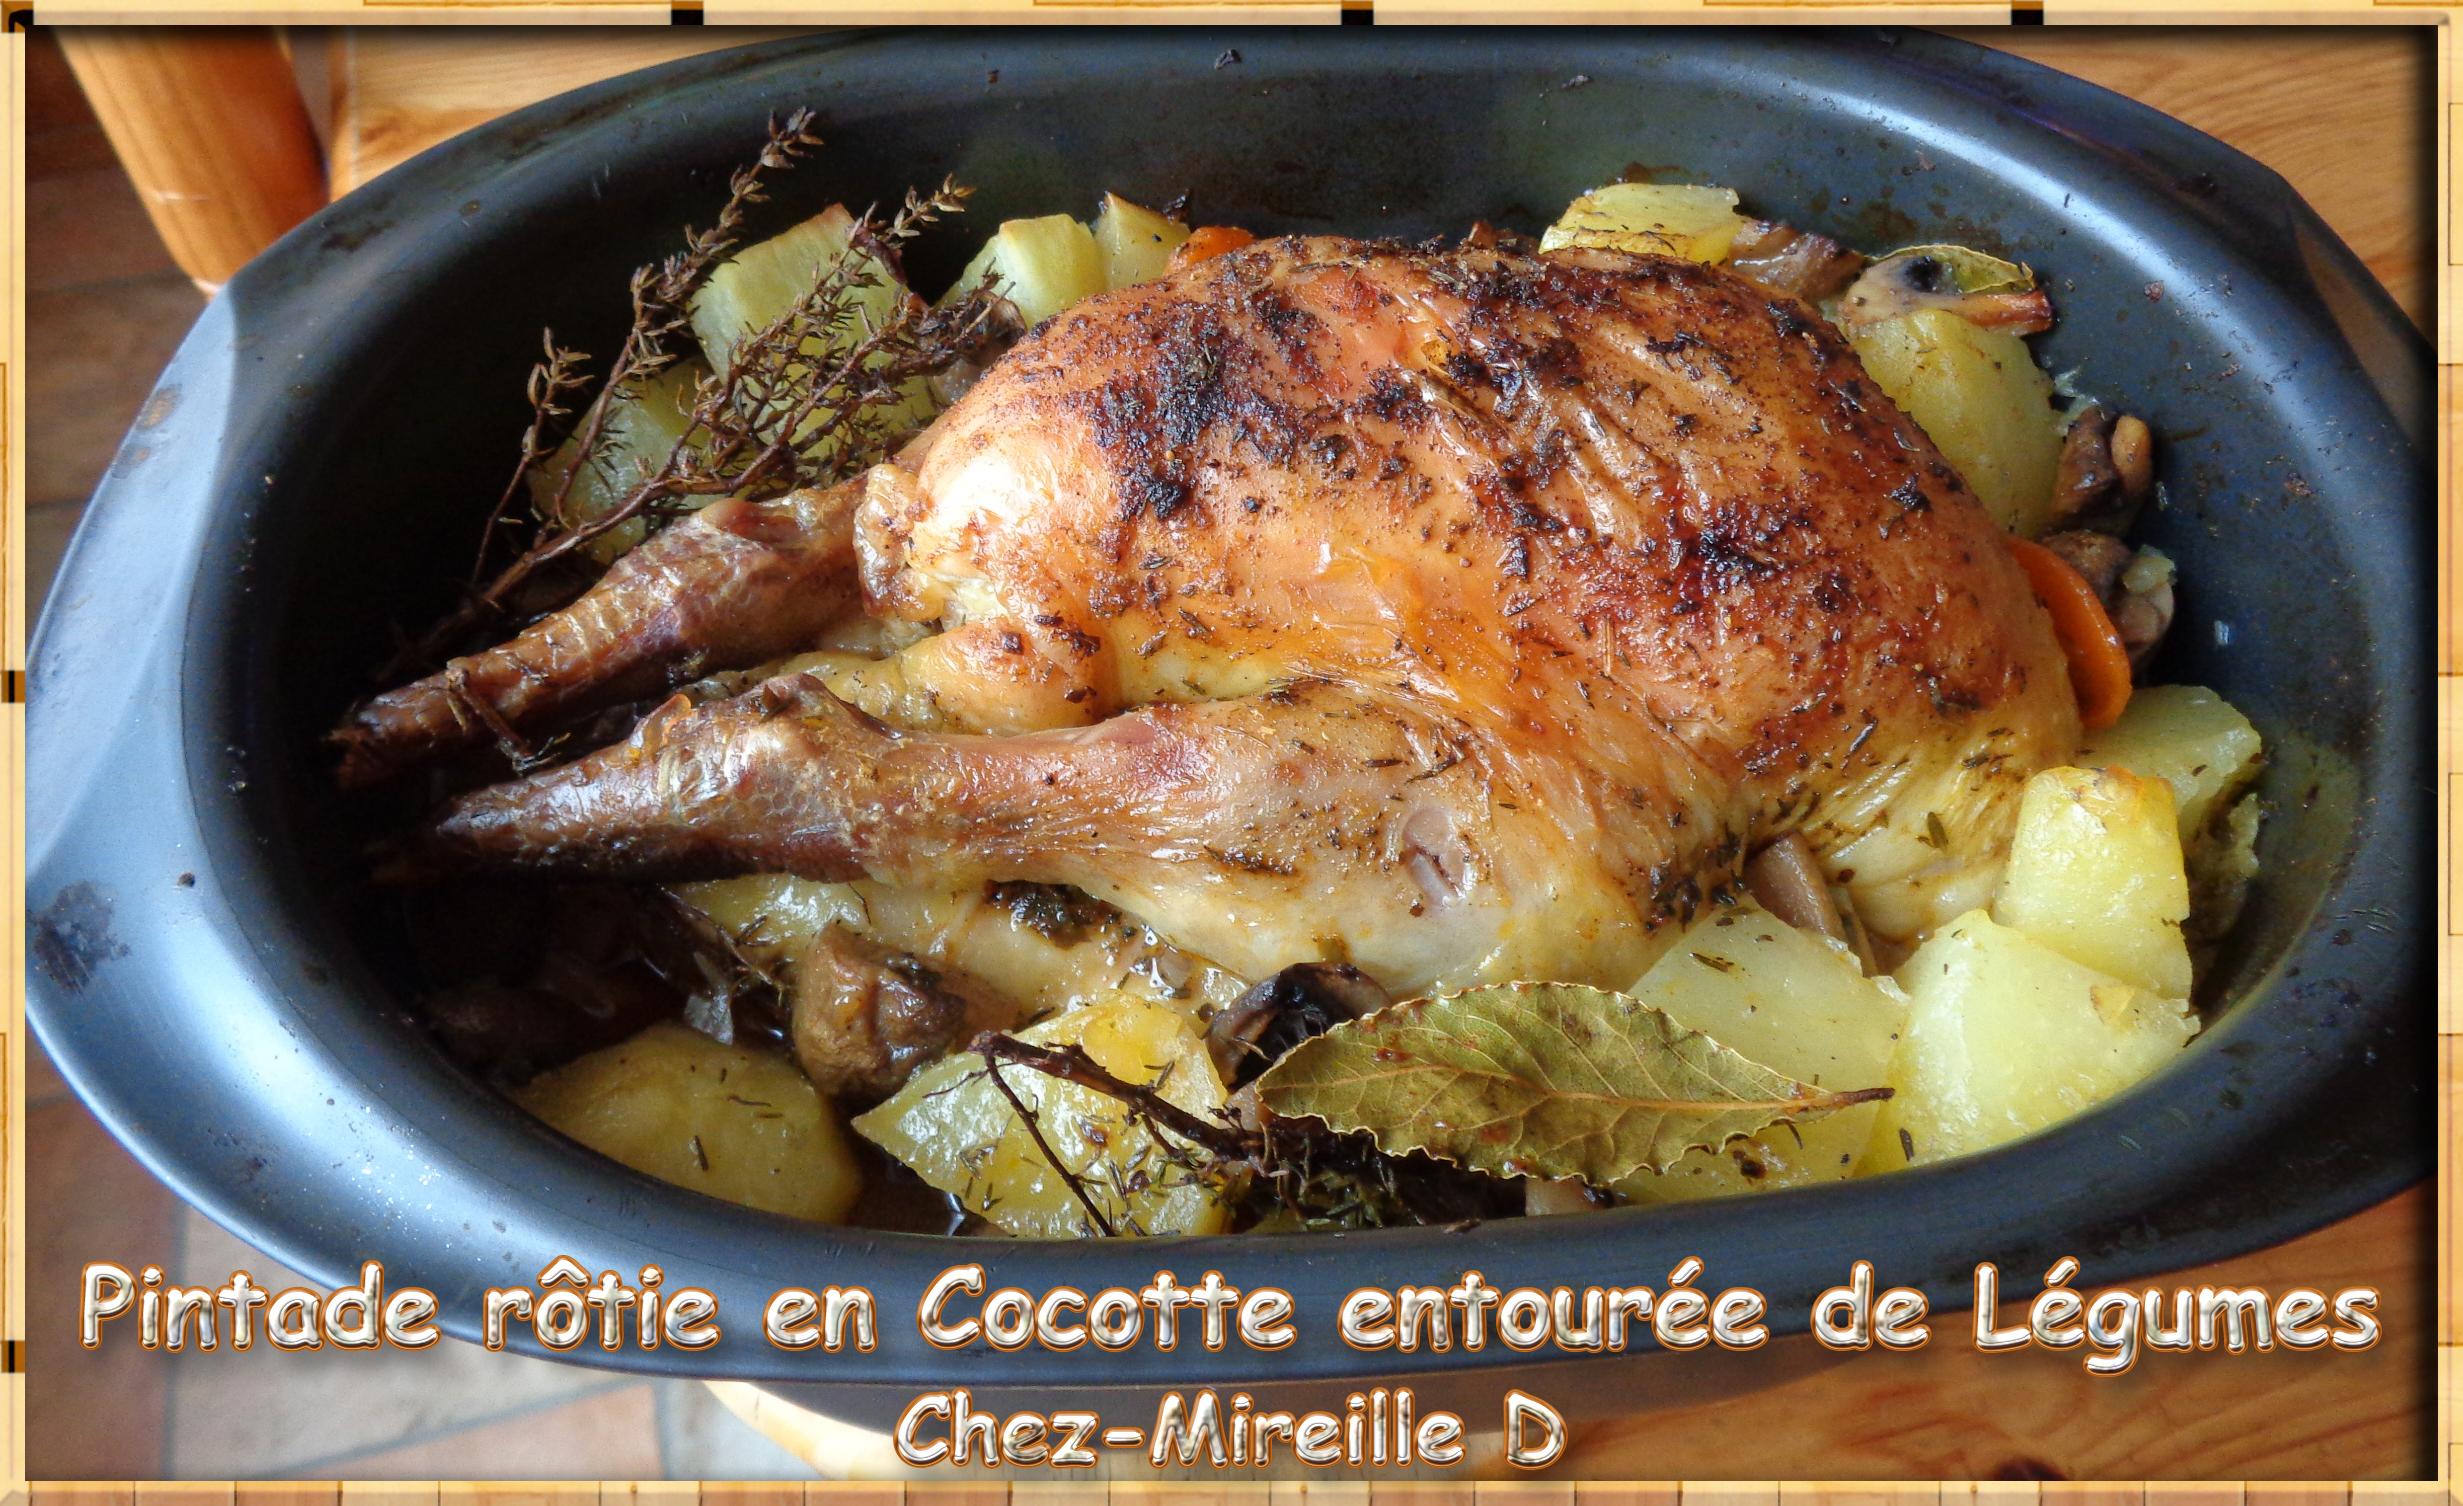 Pintade rôtie en Cocotte entourée de Légumes - Chez-Mireille D on